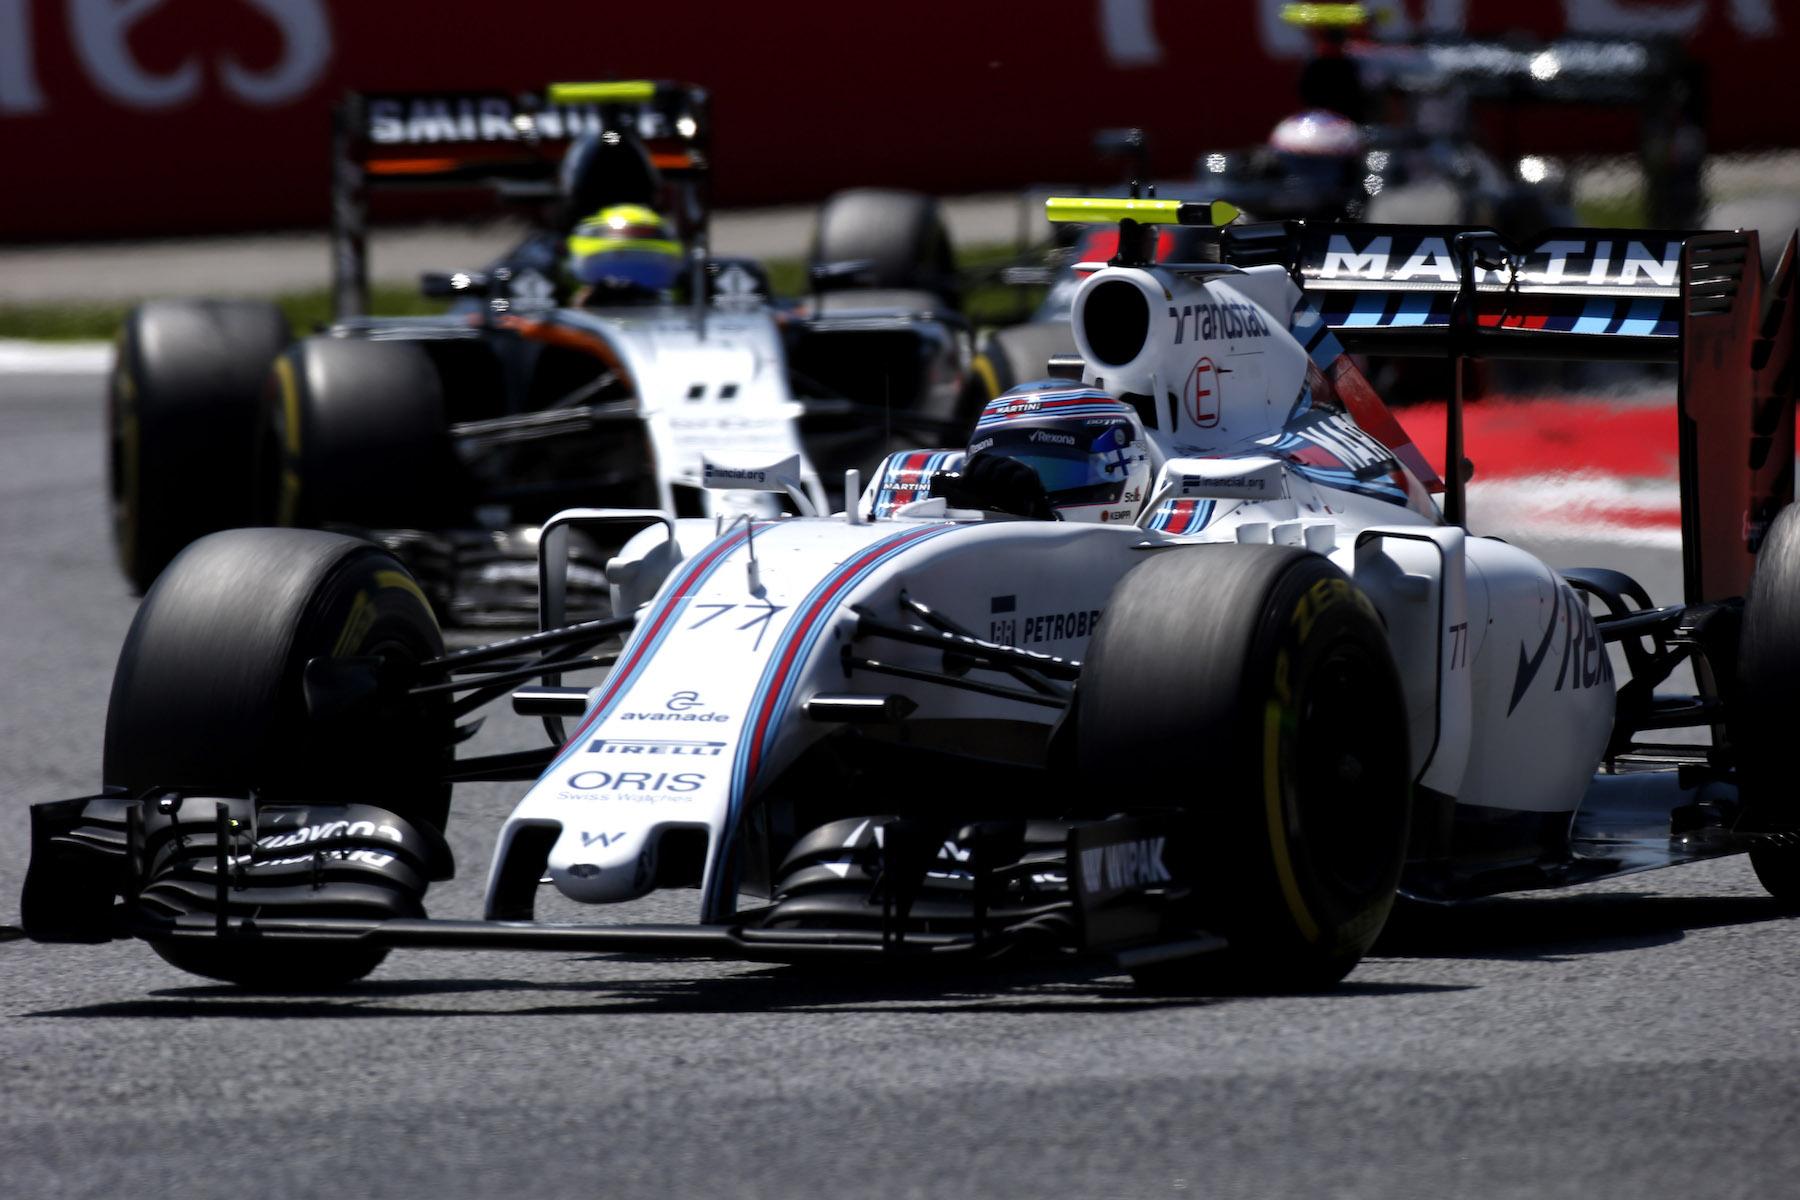 Salracing   Valtteri Bottas   Williams F1 Team